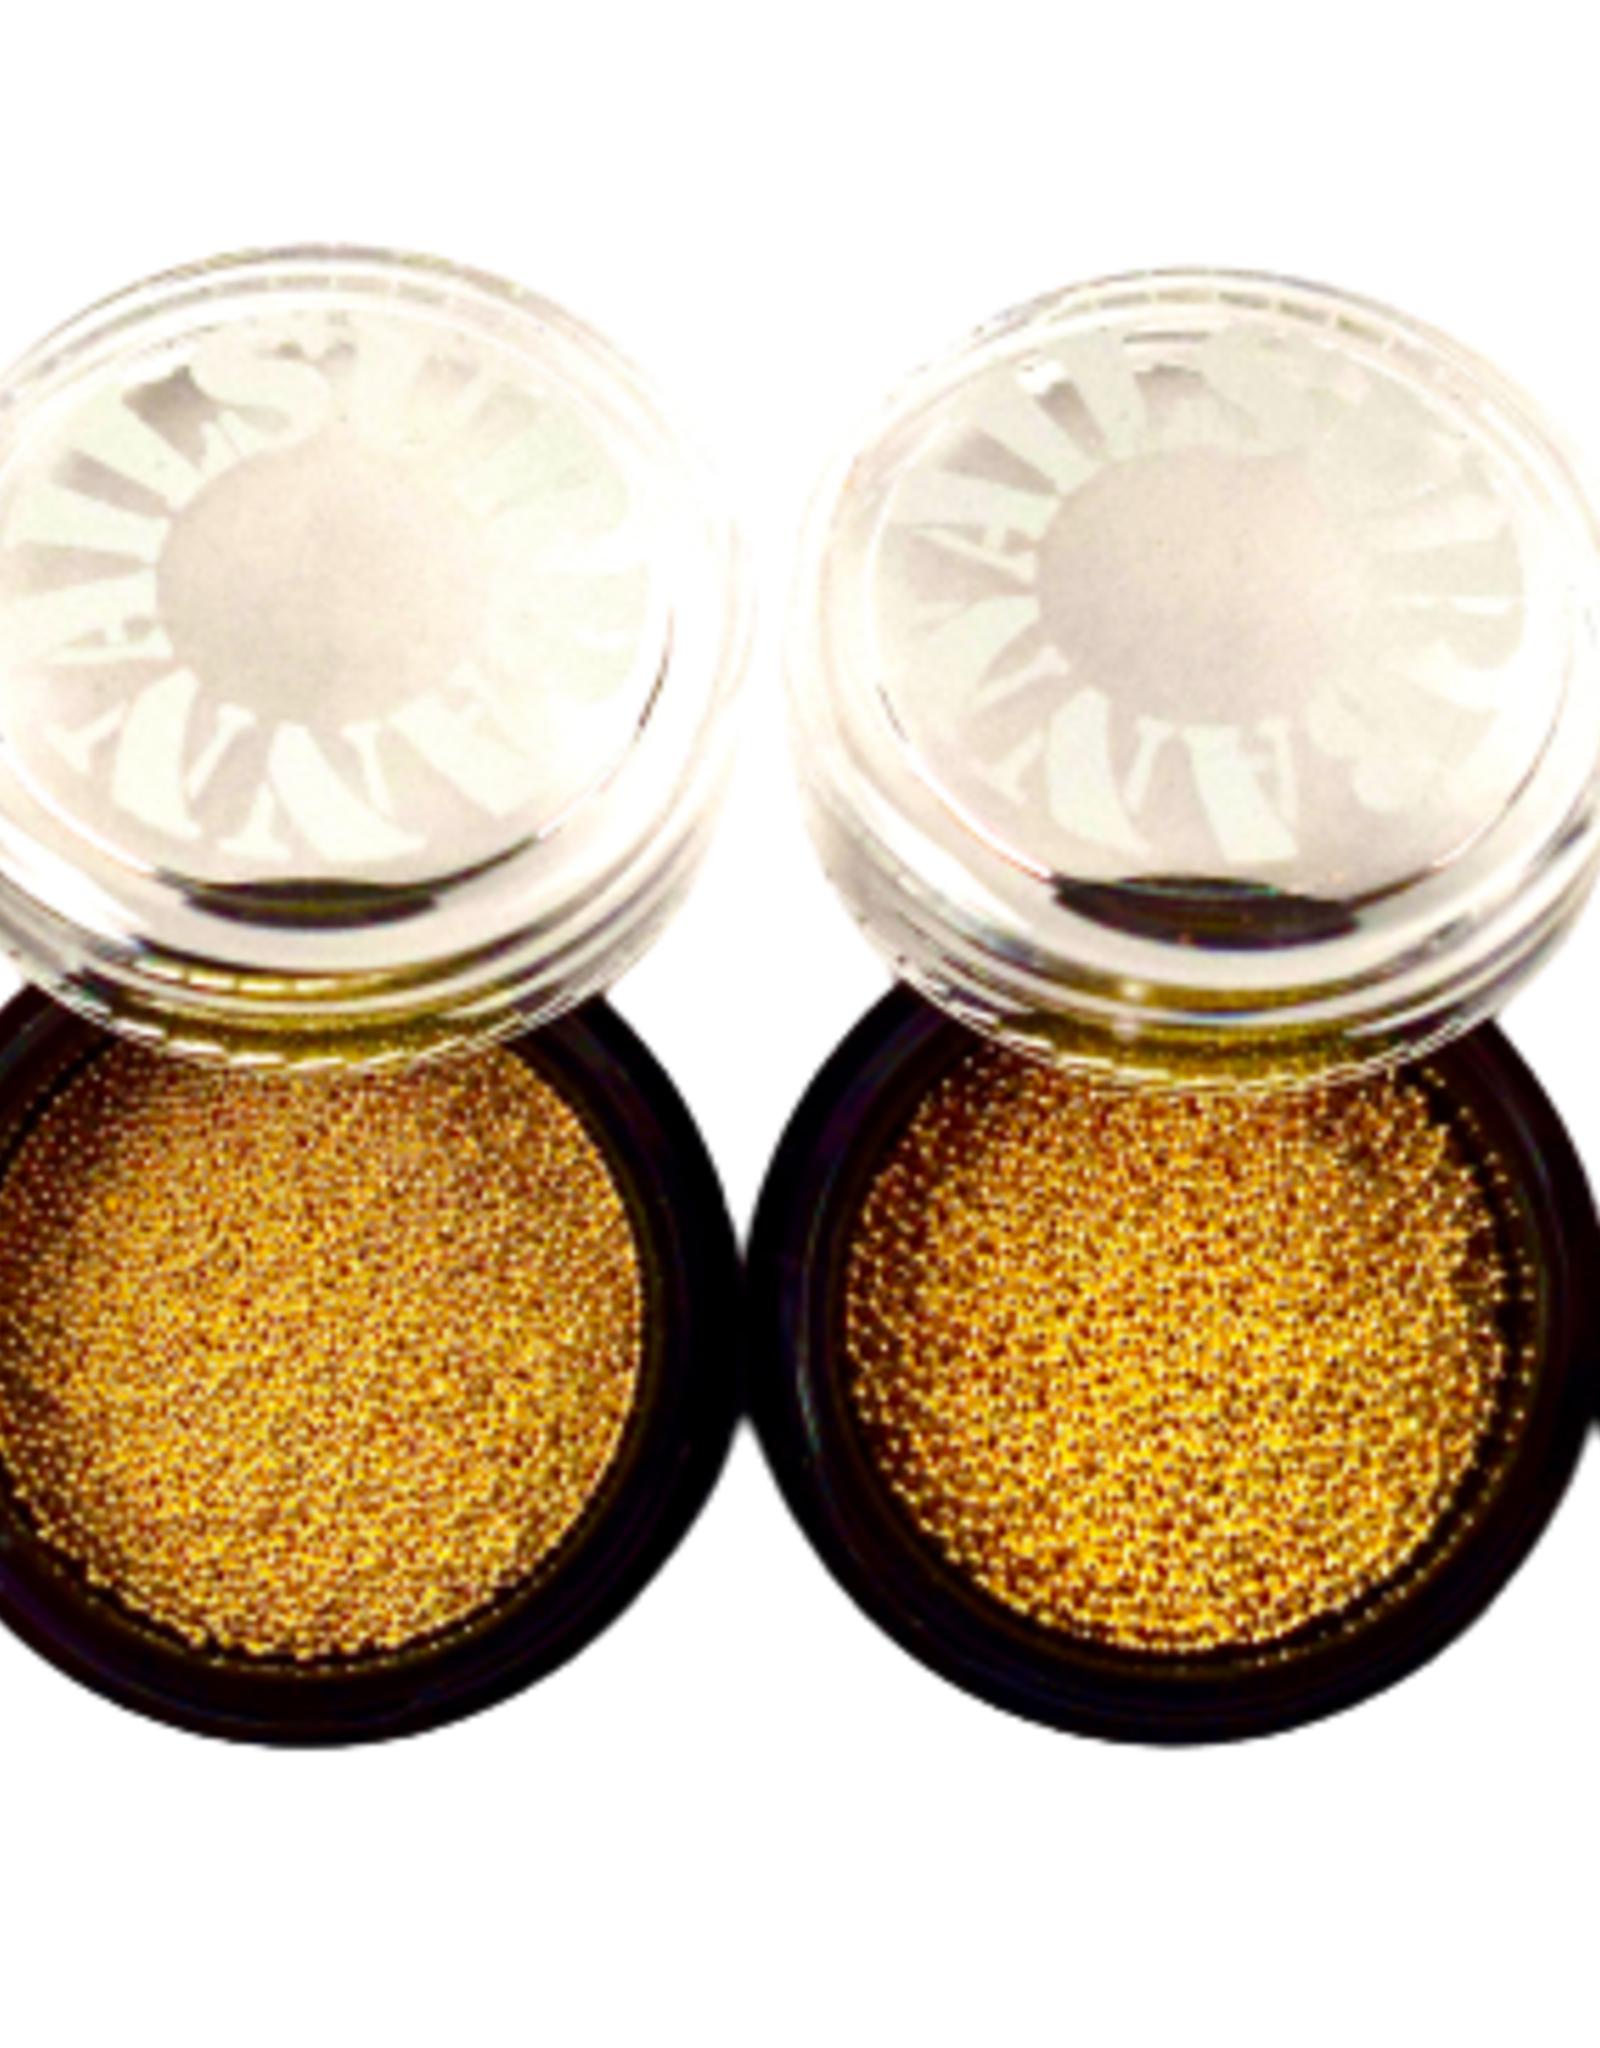 Urban Nails Caviar Beads Gold 0.6